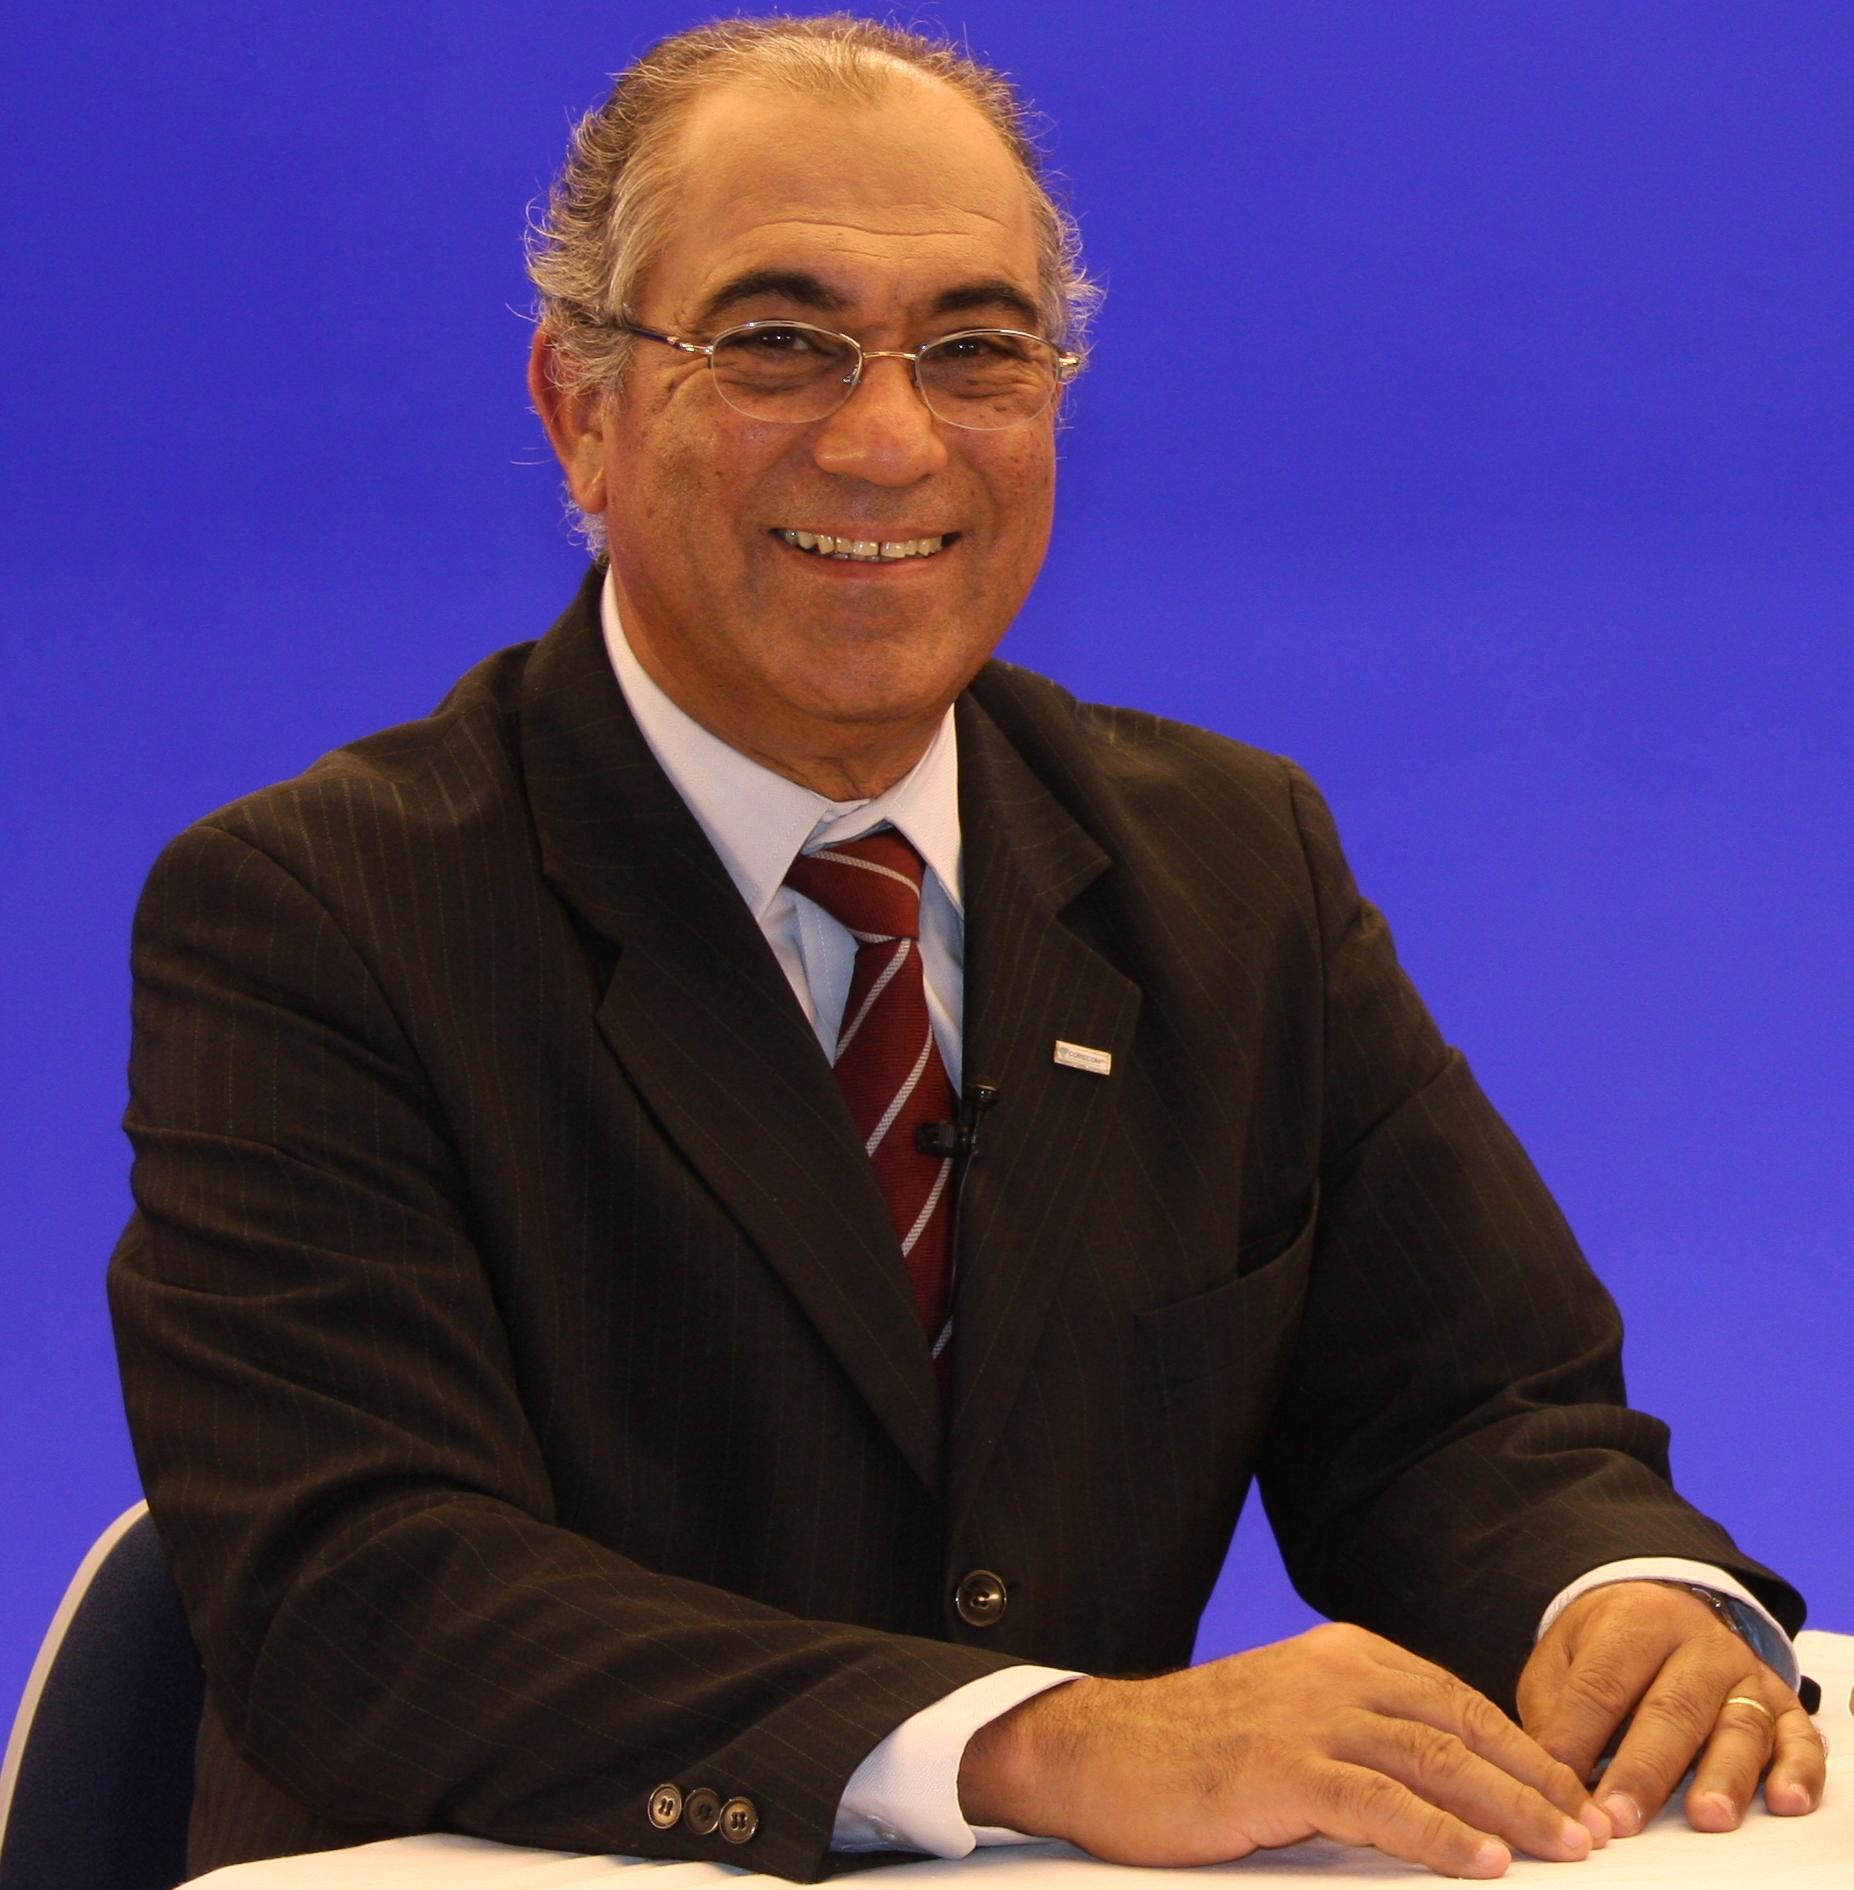 Luiz Carlos Barnabe de Almeida